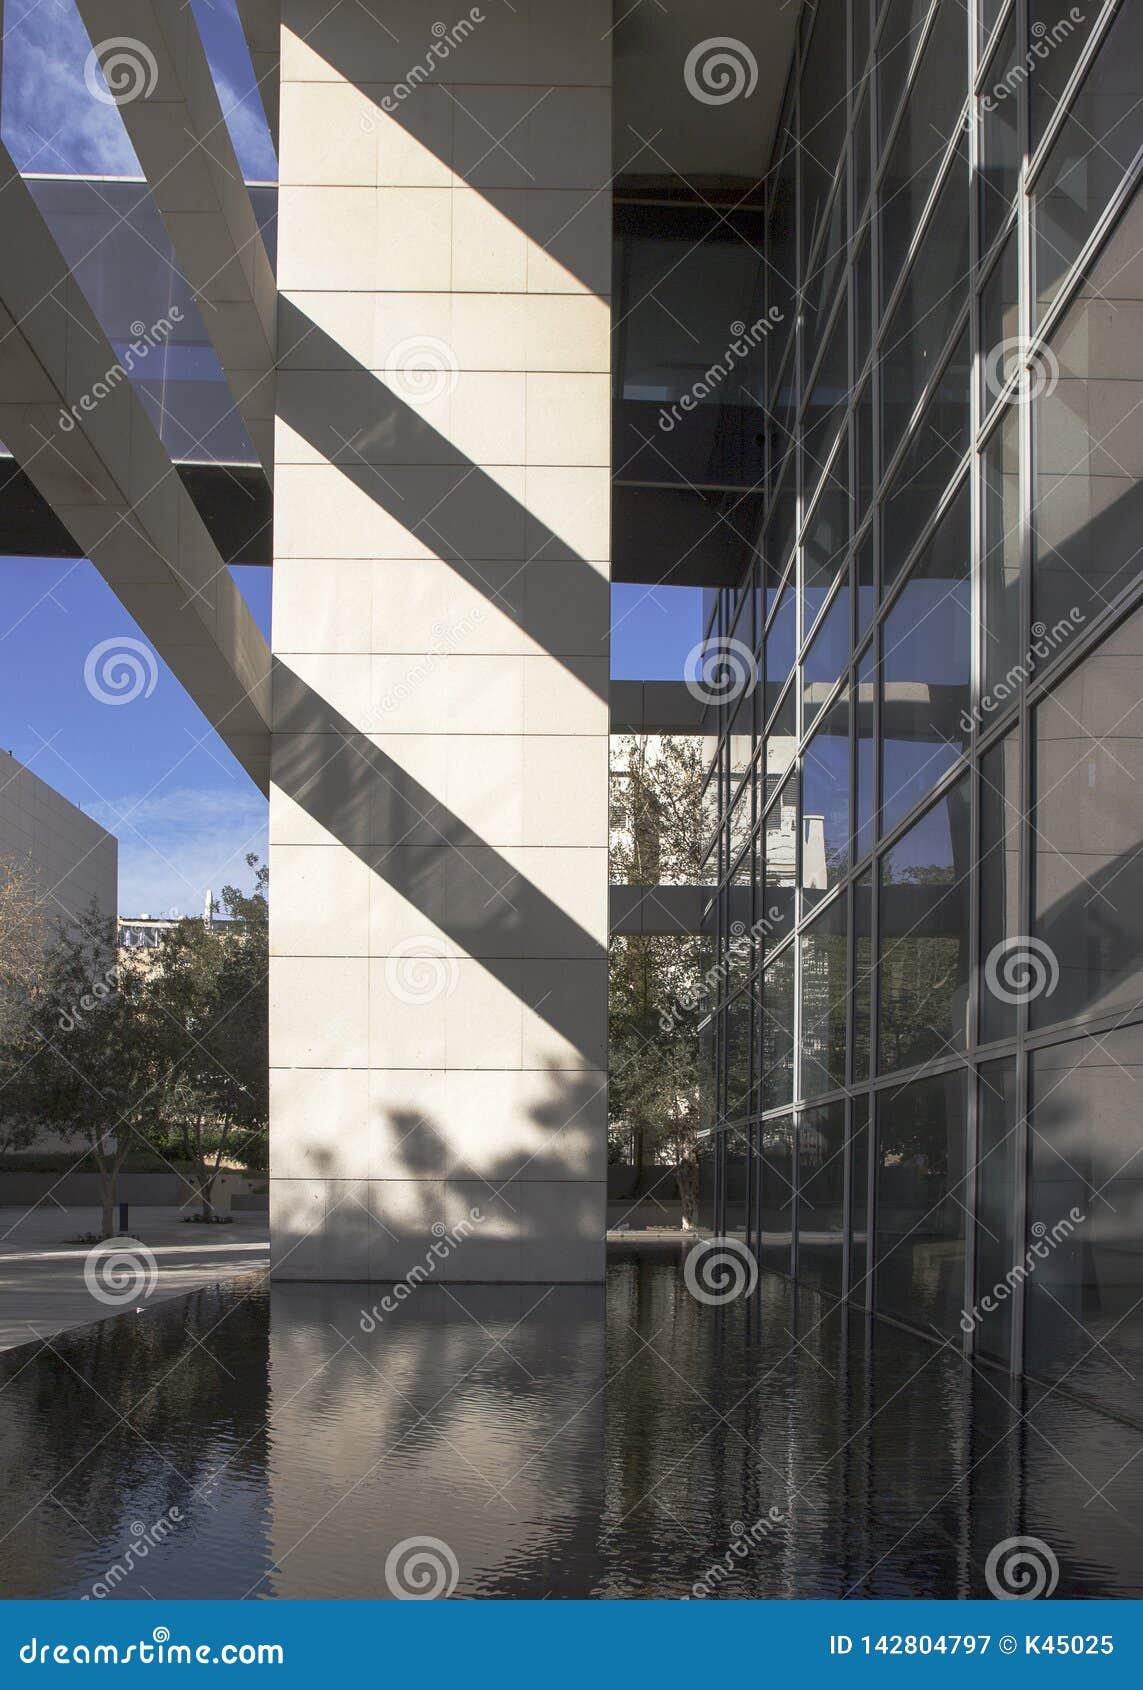 现代大厦的片段与鲍豪斯建筑学派样式解释的